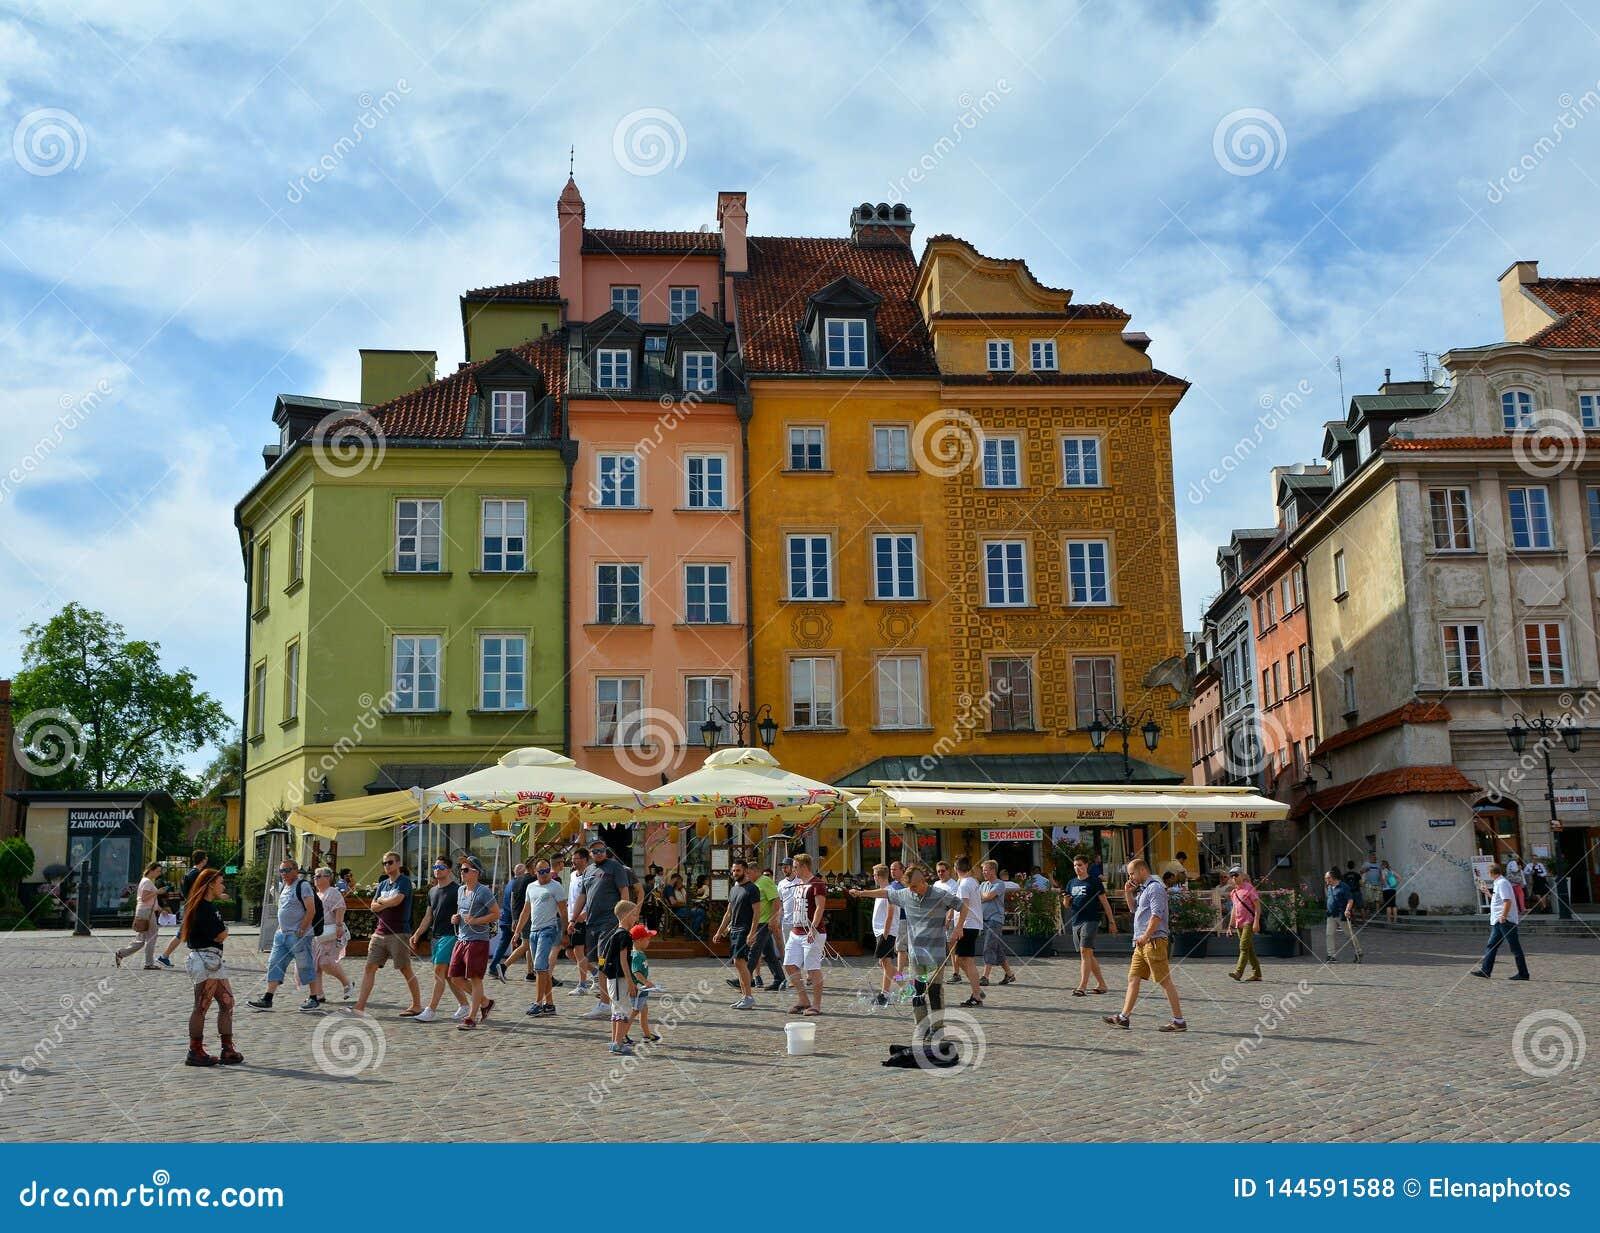 Sguardo fisso Miasto Varsavia, quadrato di Citt? Vecchia del castello